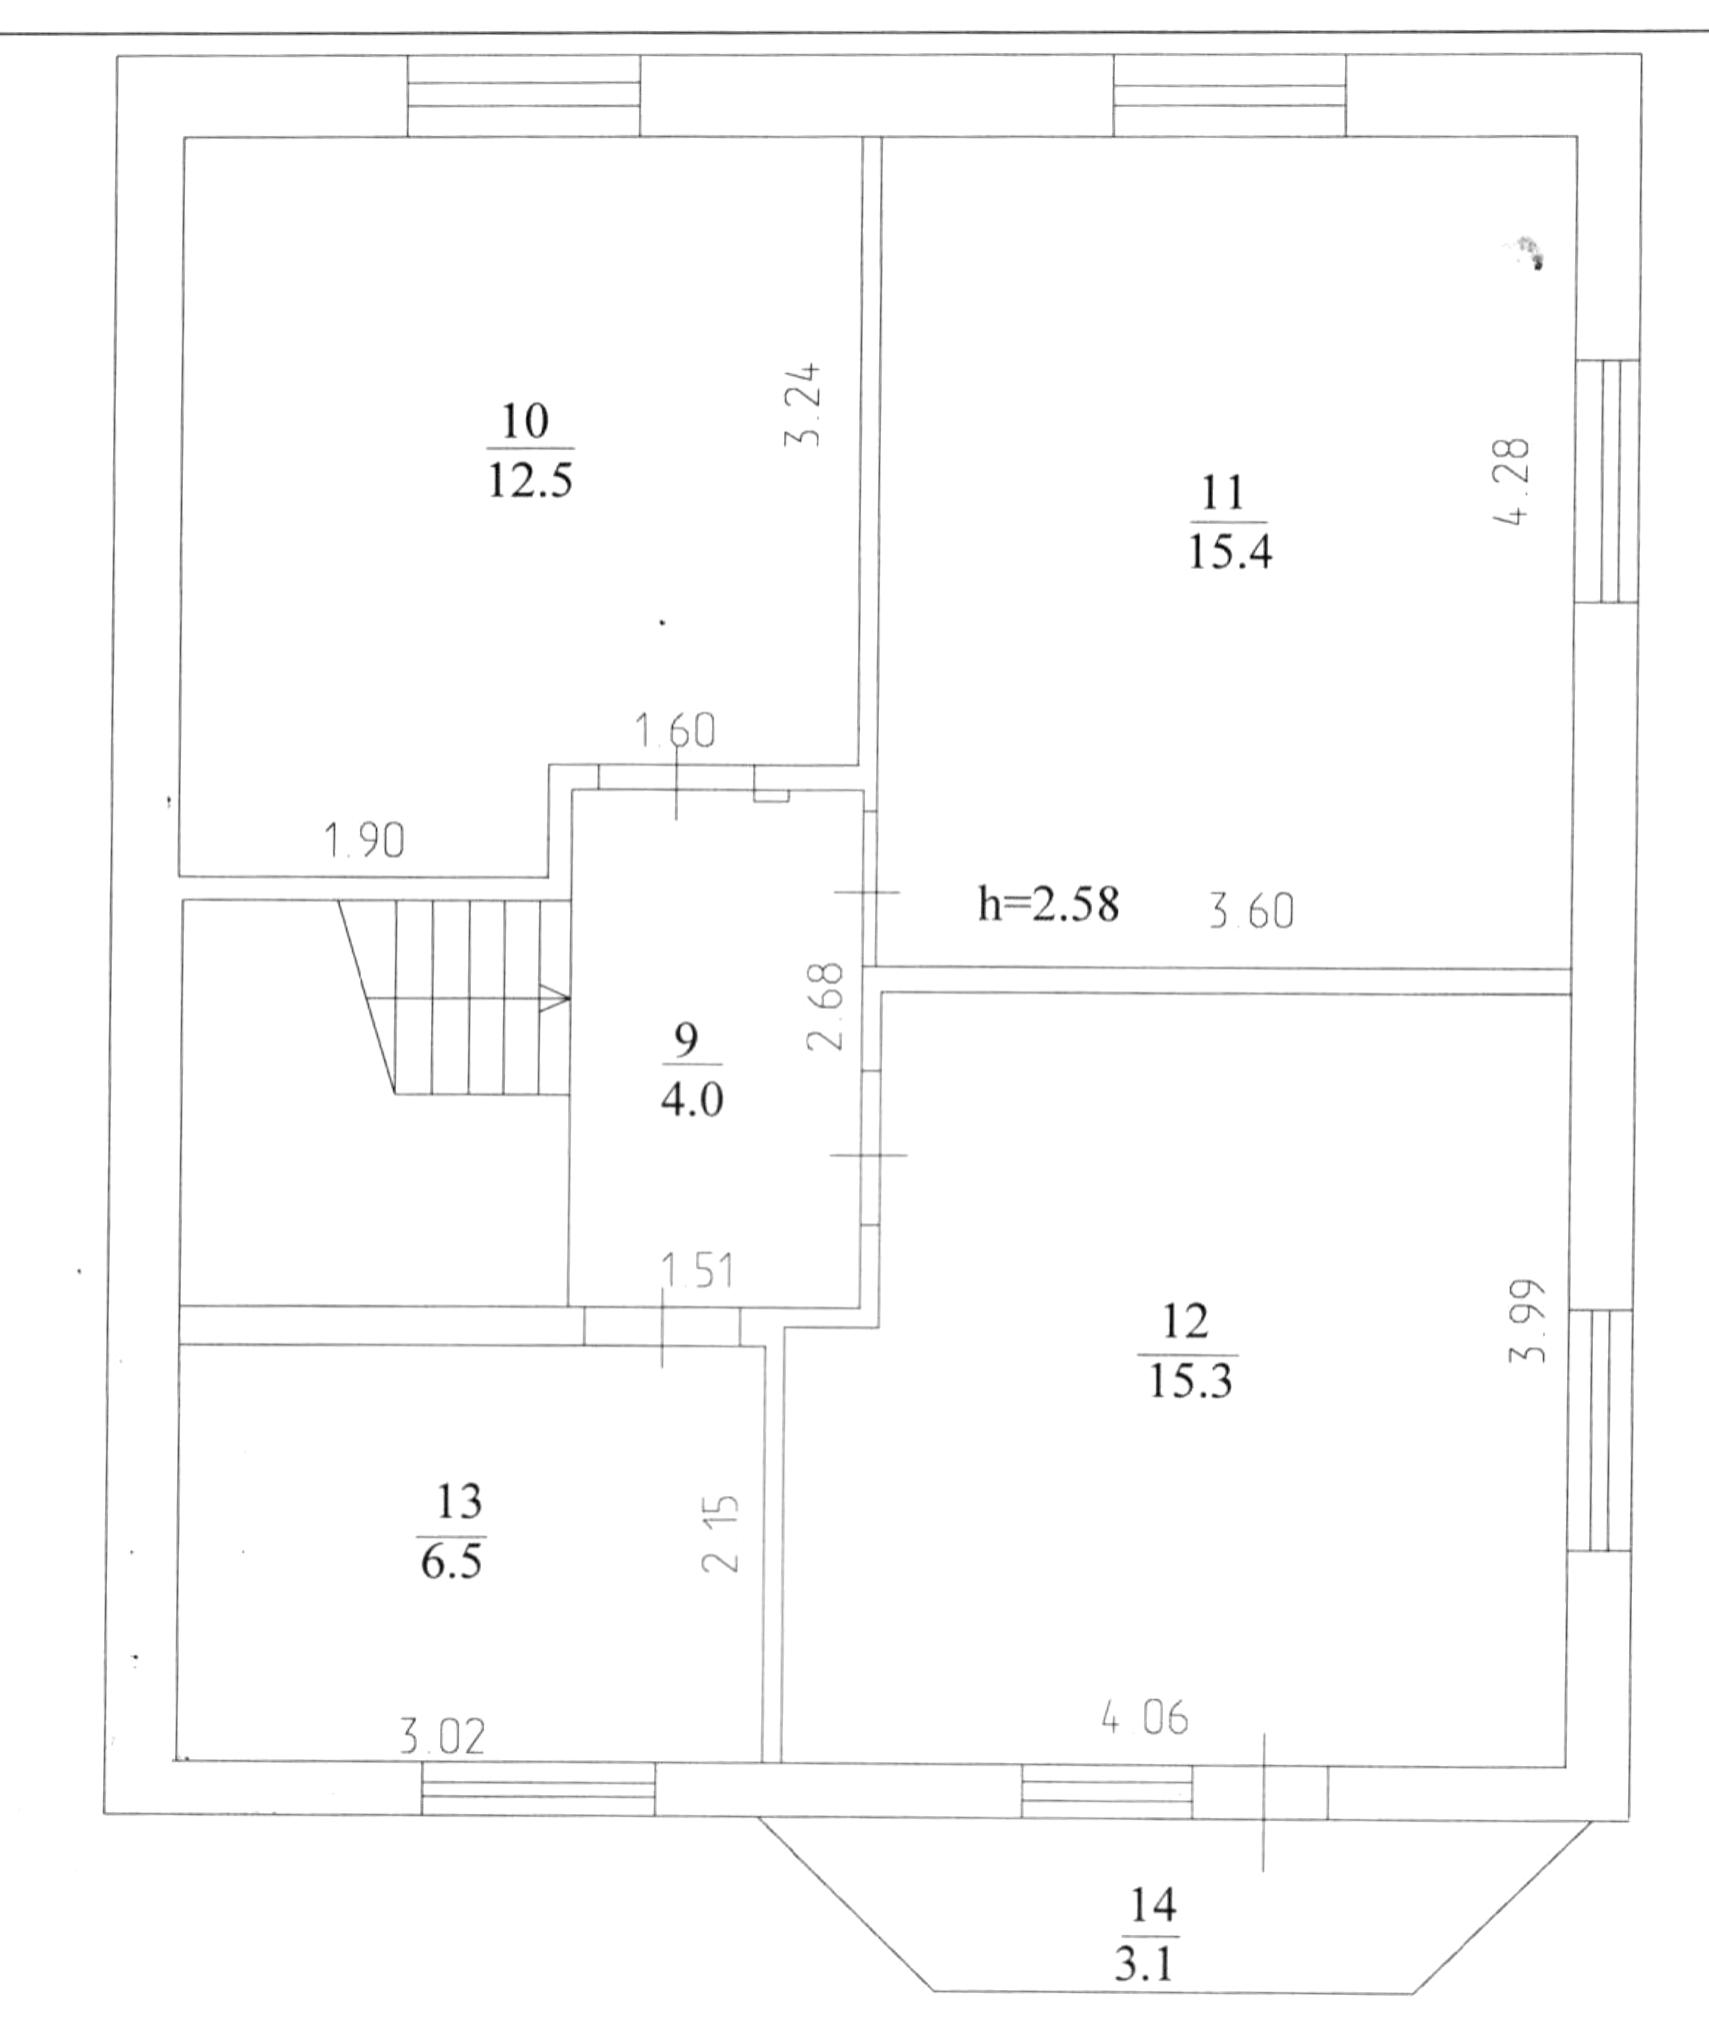 план 2 этаж 12 родное лесная поляна кемерово